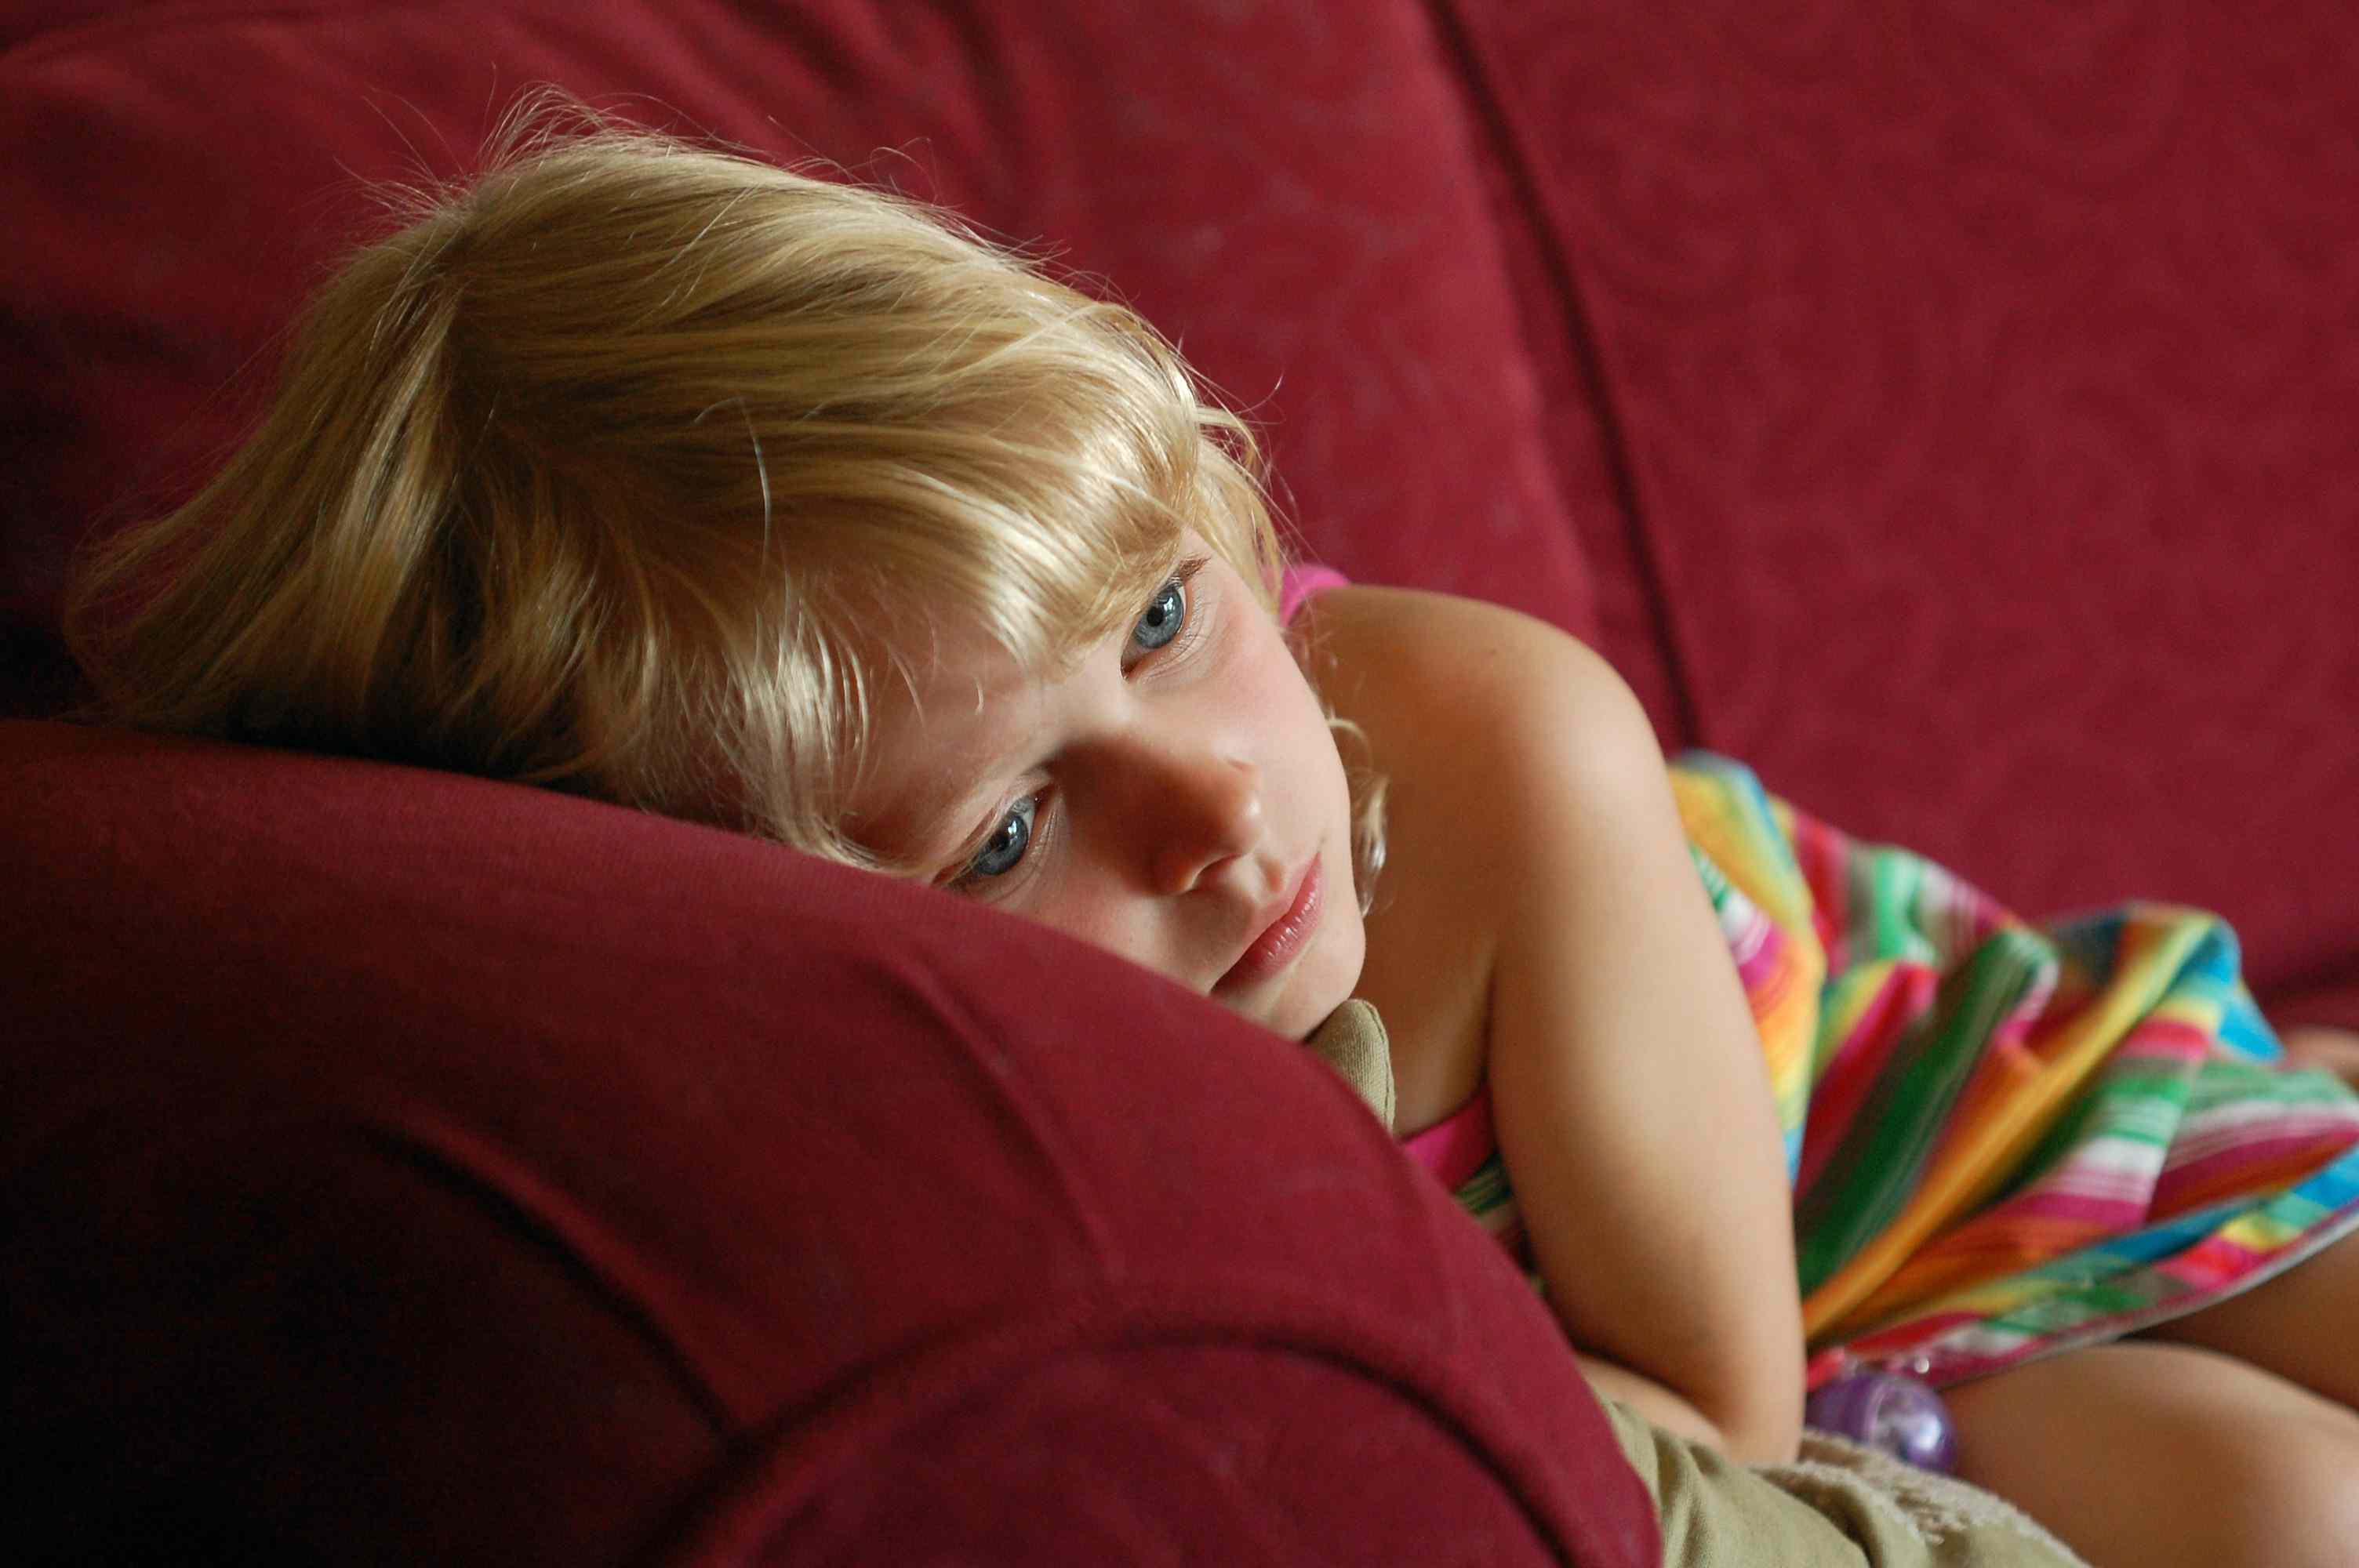 Sad young girl laying on a sofa